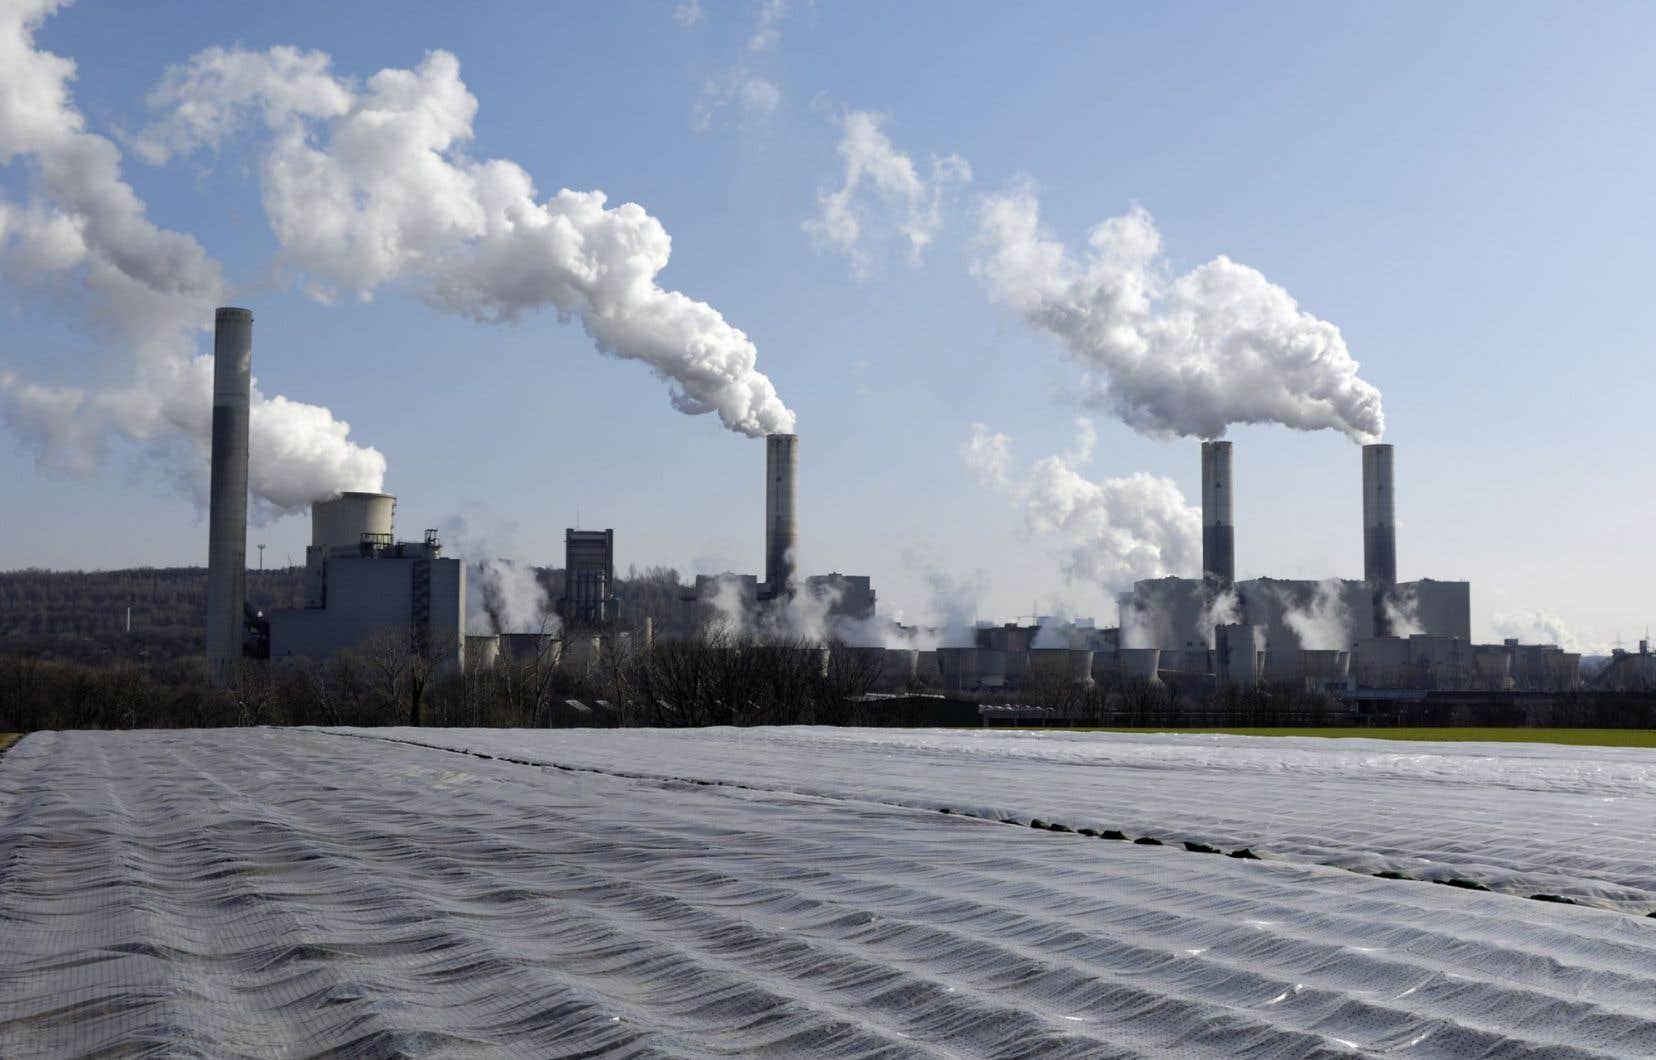 Toutes les entreprises ne sont pas égales face à la réglementation en matière d'émissions de GES, certaines étant touchées directement, d'autres indirectement, d'autres encore étant peu ou pas visées.